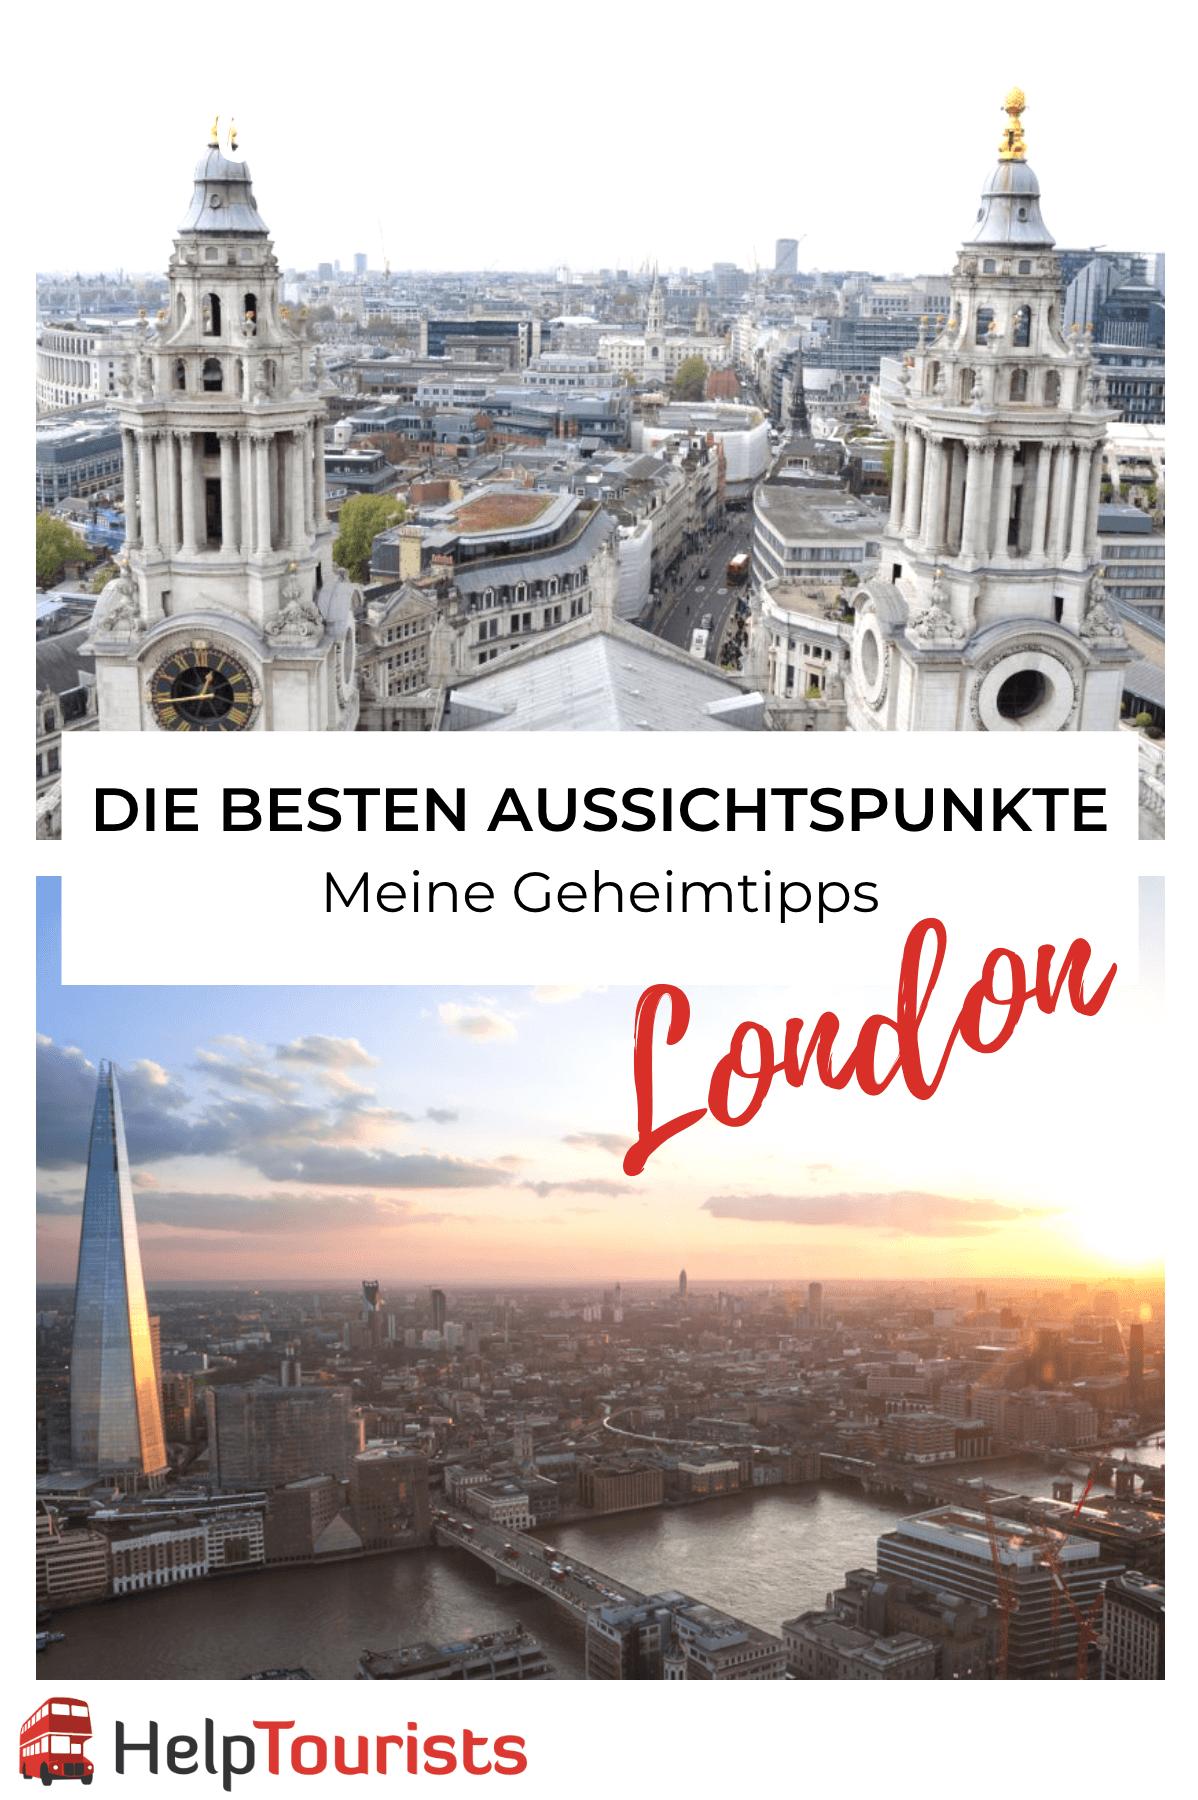 Die besten Aussichtspunkte London